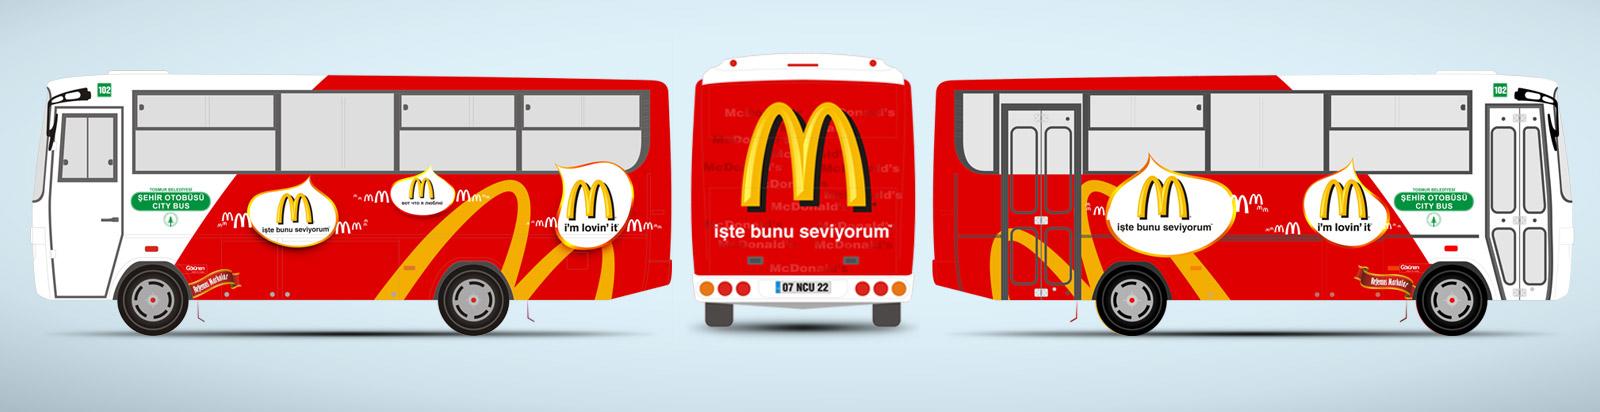 McDonalds Halk Otobüsü Reklamı